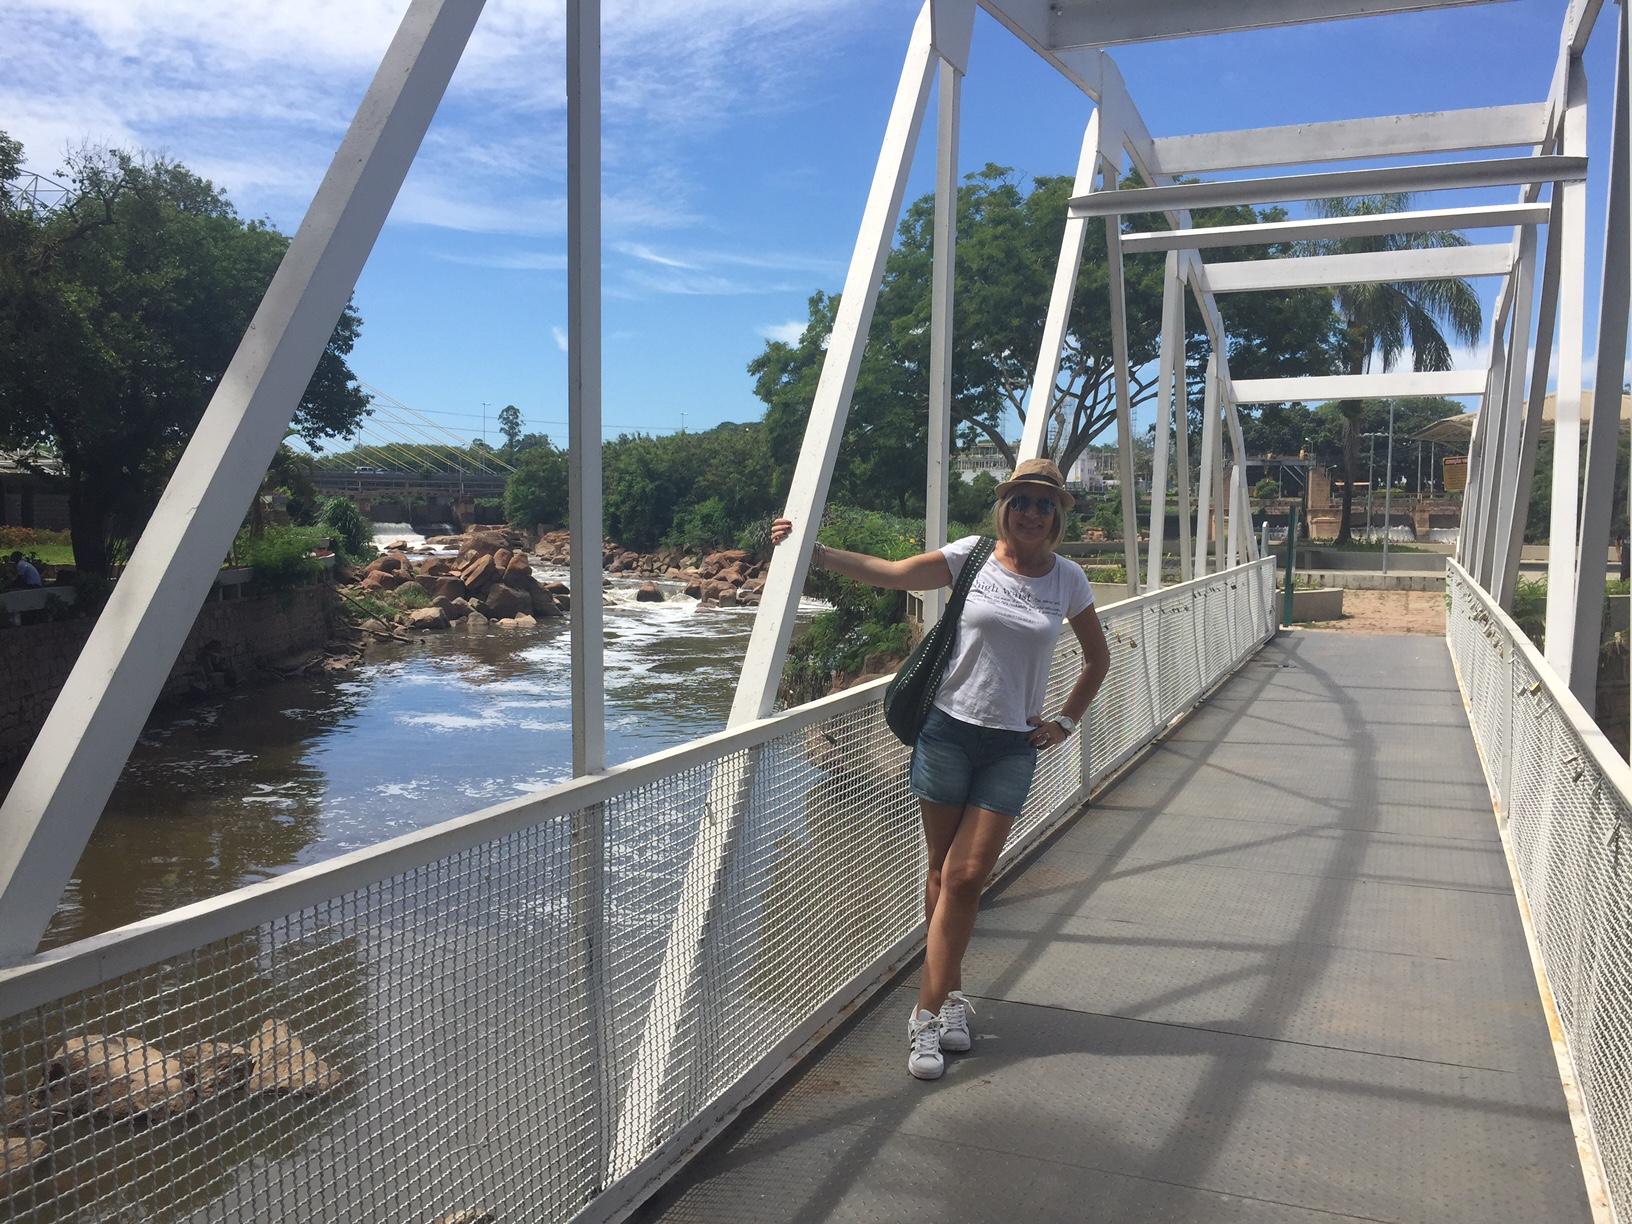 Adoro pontes!